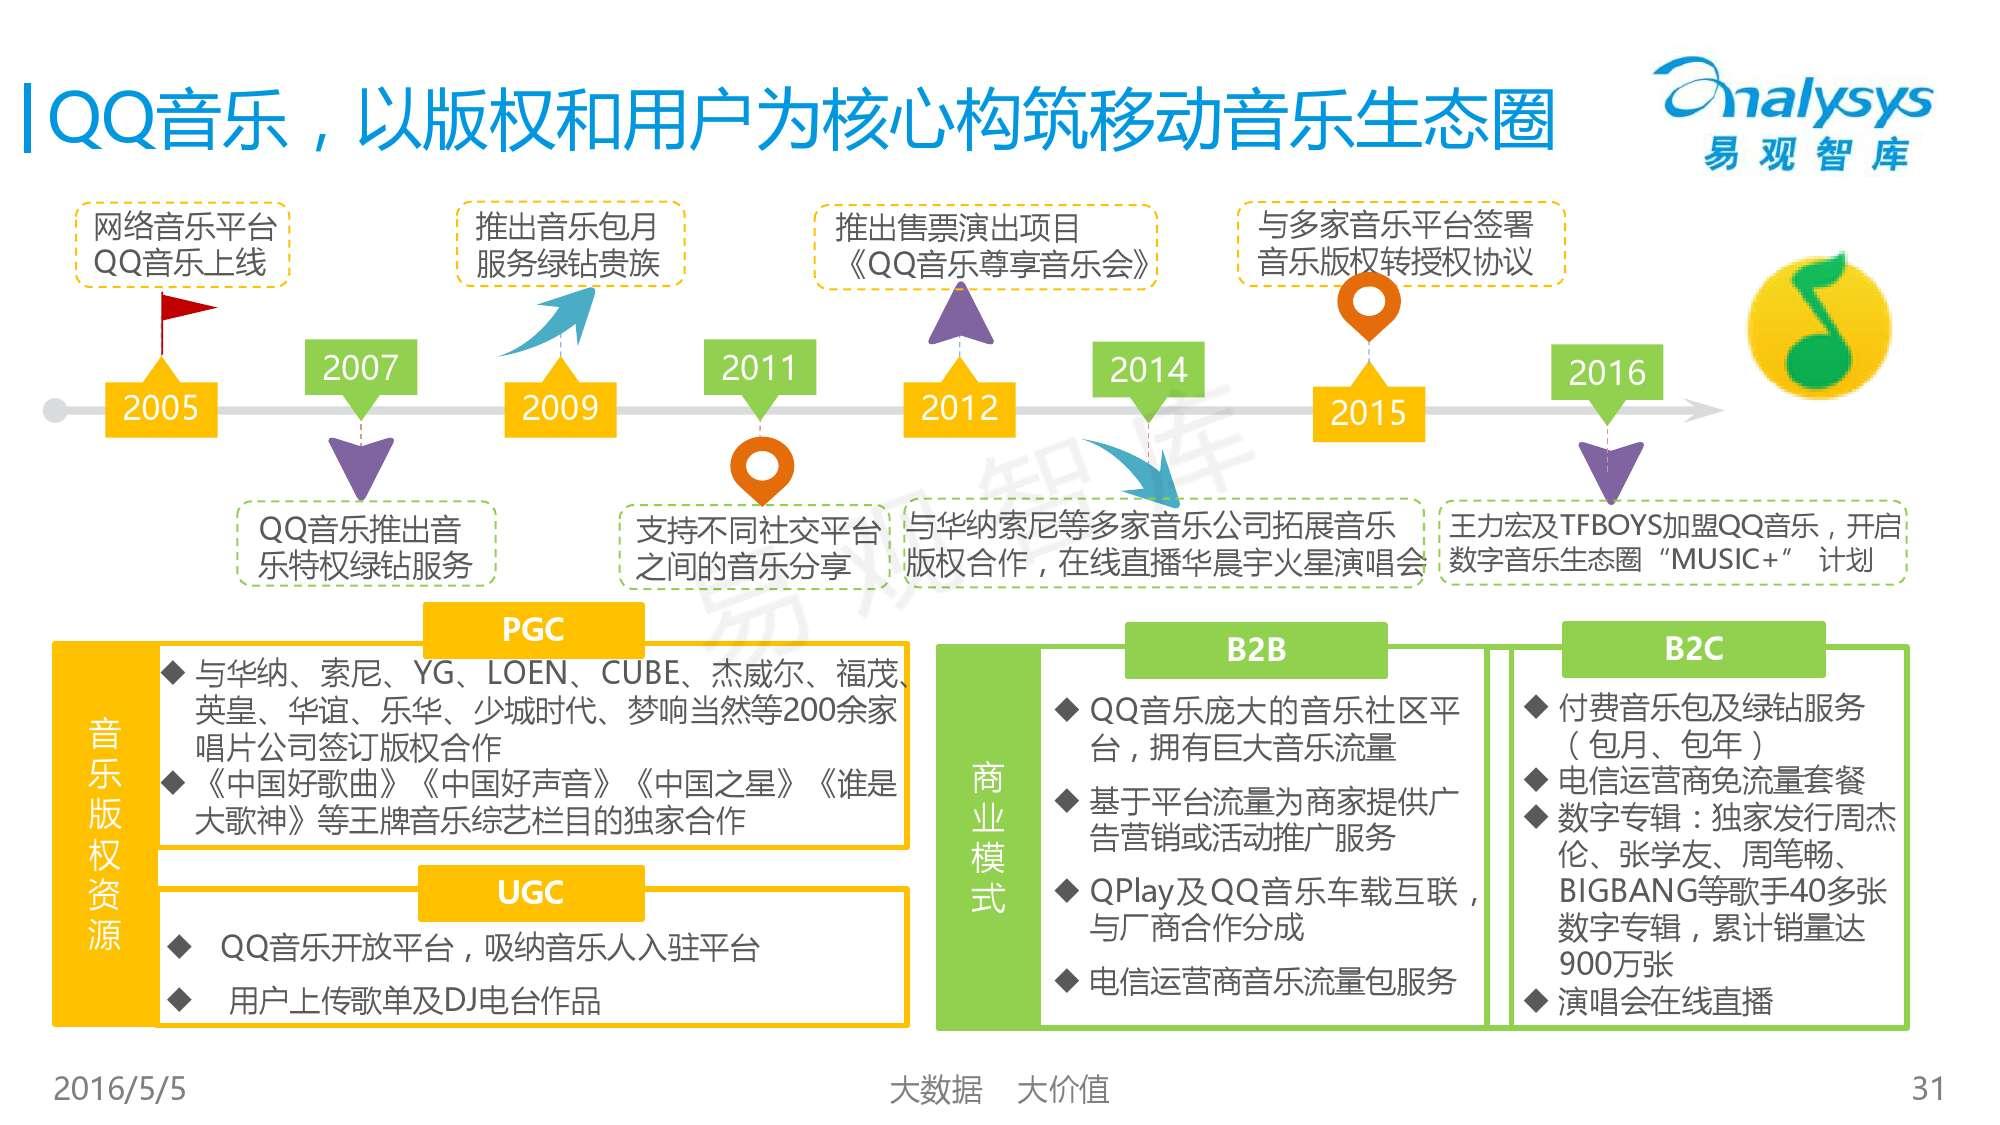 2016中国移动音乐市场年度综合报告_000031